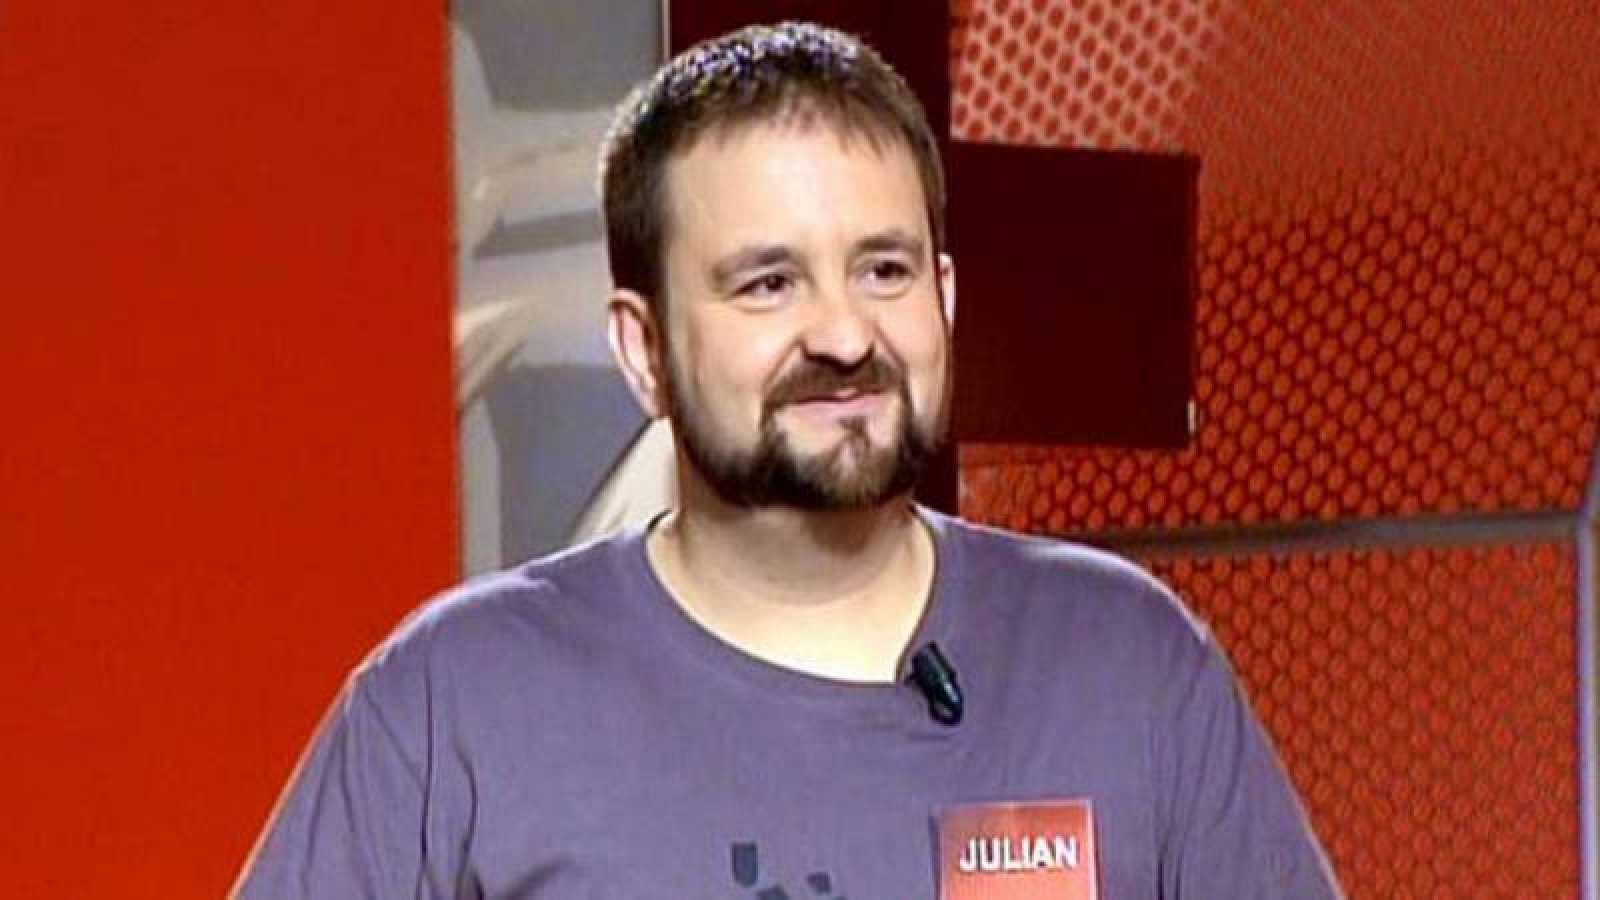 Julián Díaz